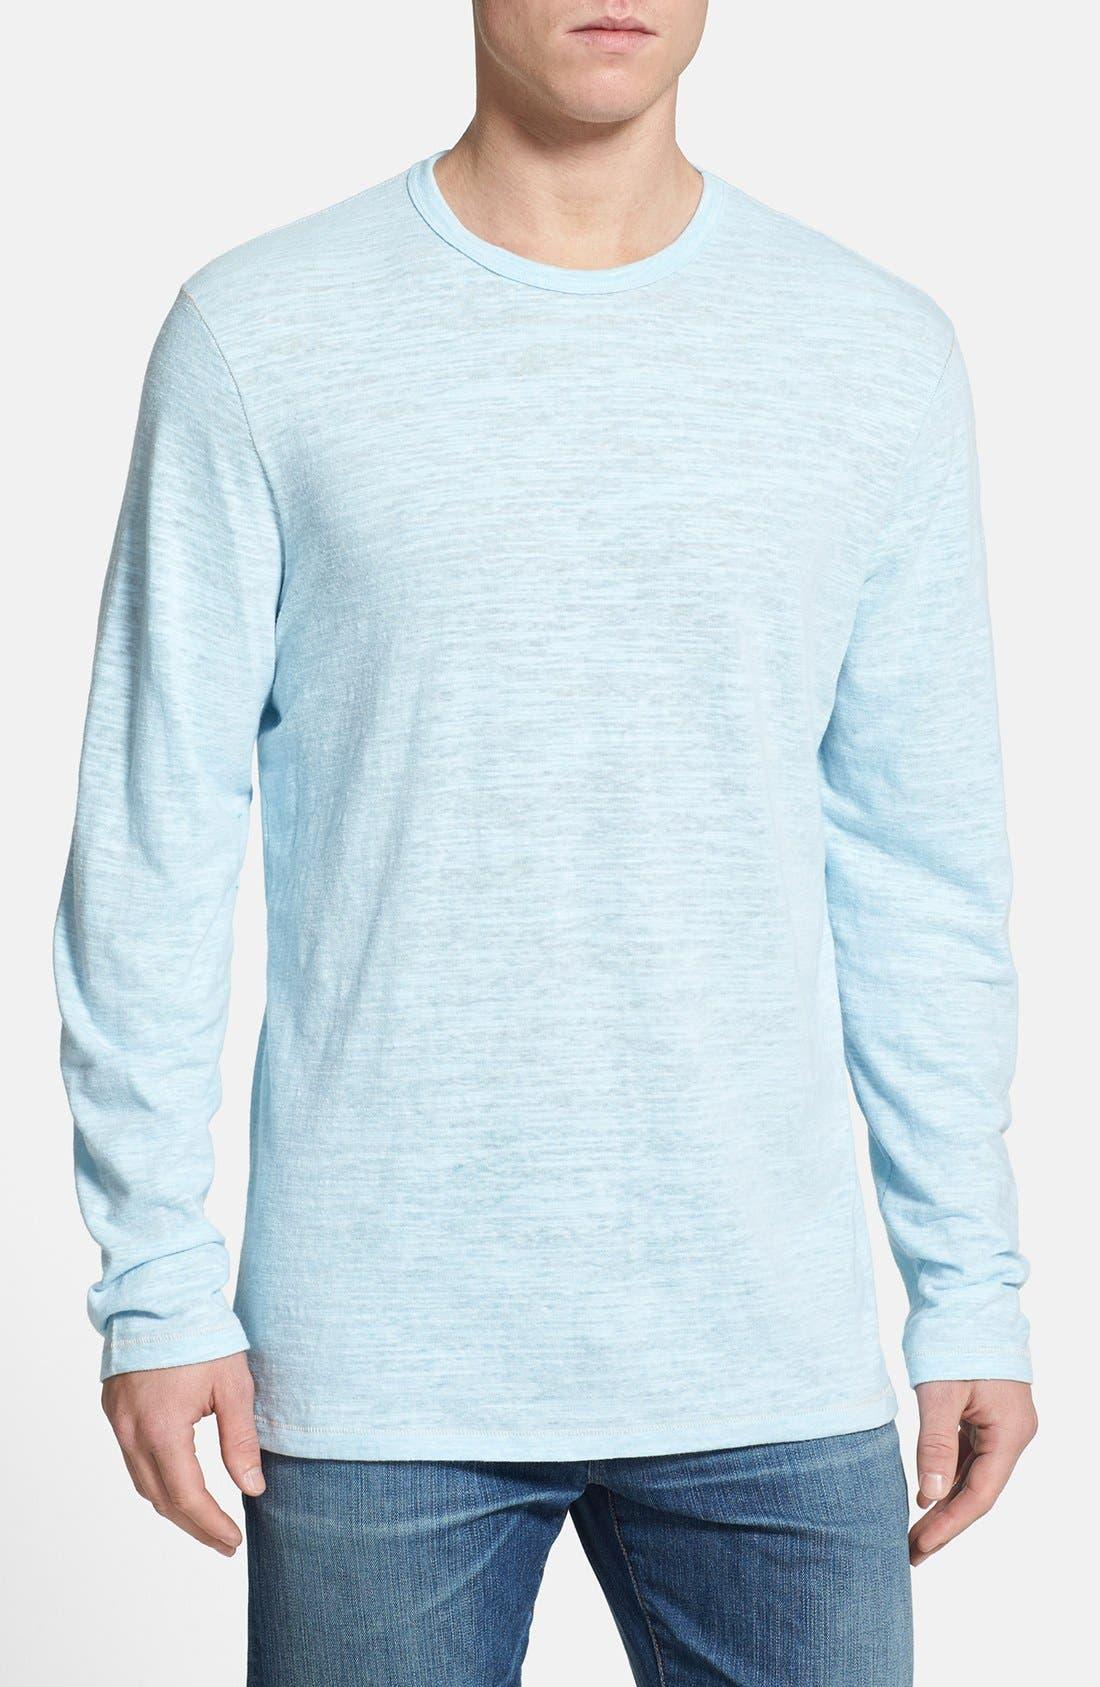 Main Image - Tommy Bahama 'Sunday Best' Long Sleeve Heathered T-Shirt